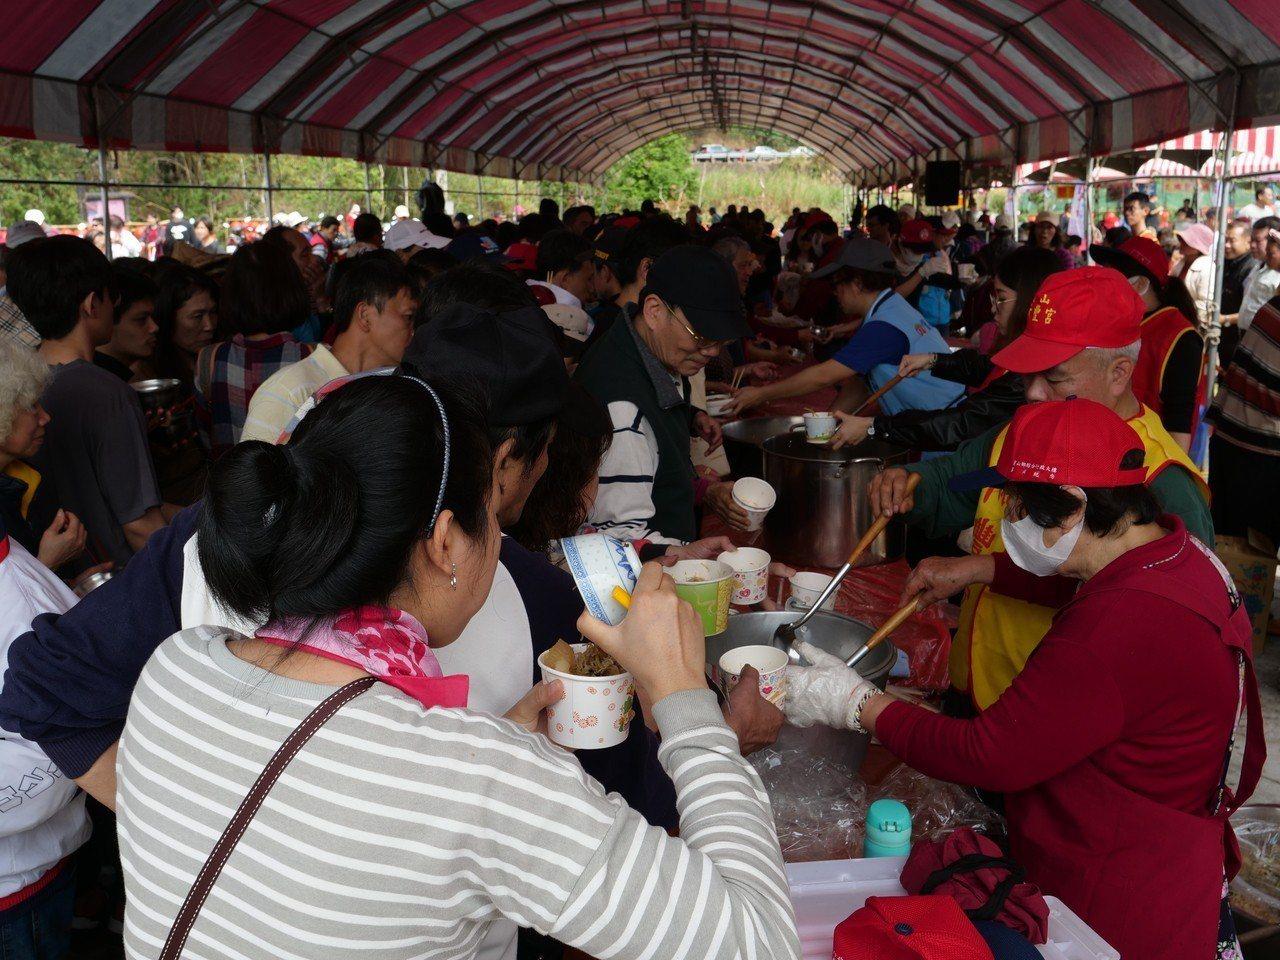 寶山鄉「打中午」文化祭除了各家戶端出拿手菜,今年也加入健康挑擔,遶境、隨香人員和...